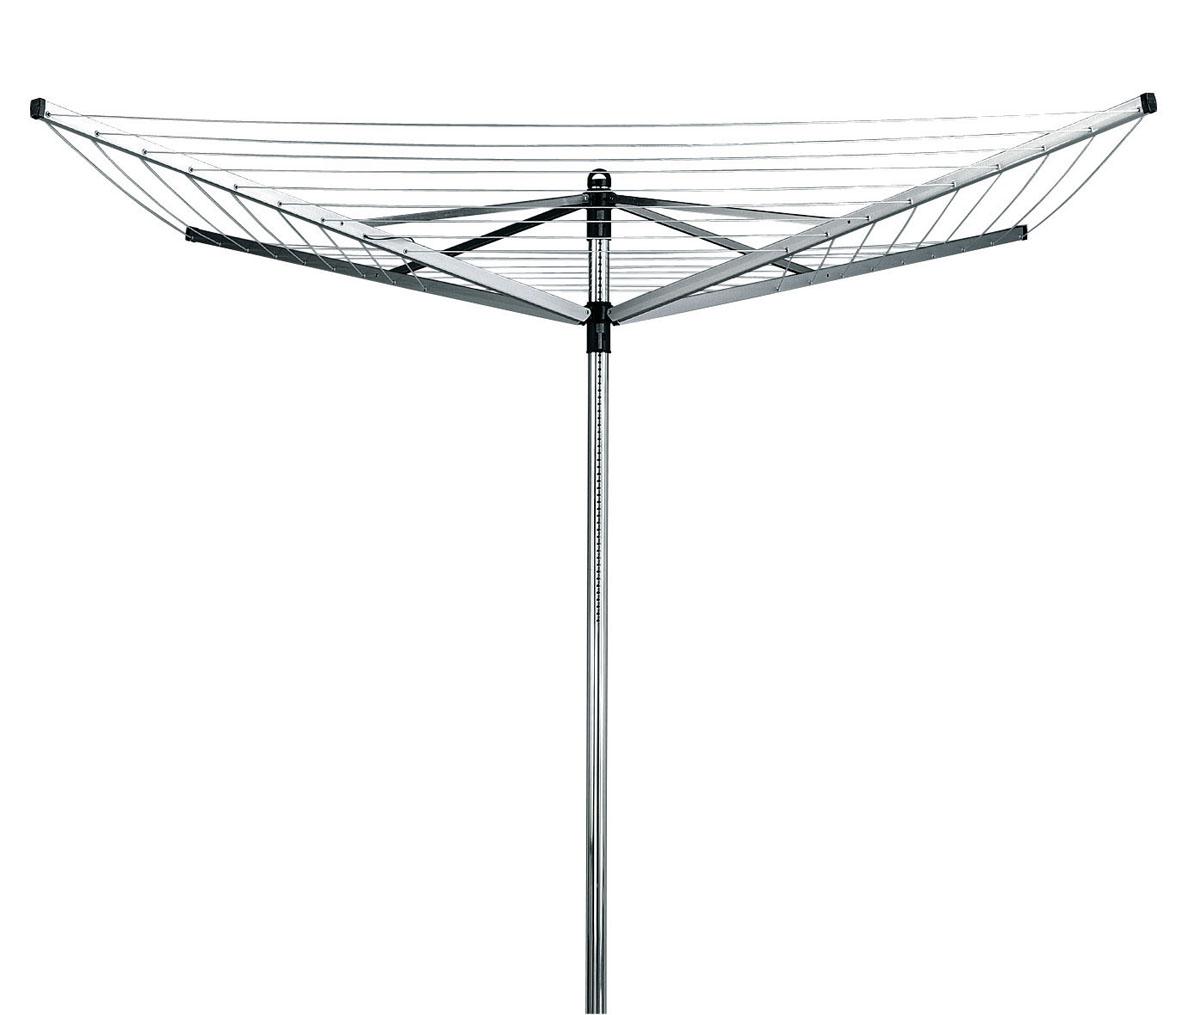 Сушилка для белья Brabantia Lift-O-Matic, уличная, цвет: серый, 40 м. 310928310928Навеска – 40 метров, максимальная нагрузка – 40 кг. Простой и удобный регулируемый зонтичный механизм сложения. Бесступенчатая регулировка на нужную высоту (129-187 см). Нет необходимости обходить сушилку – направляющие плавно поворачиваются. Всегда туго натянутые веревки – регулировка натяжения в трех положениях. Нижнее положение идеально подходит для сушки подушек. Бельевые веревки устойчивы к действию УФ и имеют нескользящий профиль. При необходимости удобная замена каждой веревки по отдельности. На всех направляющих предусмотрены специальные отверстия для плечиков. Удобна в хранении – прочная петелька для подвешивания. В комплекте: металлическое основание для установки сушилки (диаметр 45 см). Металлическое основание позволяет устанавливать сушилку без бетона. Отдельно предлагается пластиковое основание для установки в бетон, а также чехол.